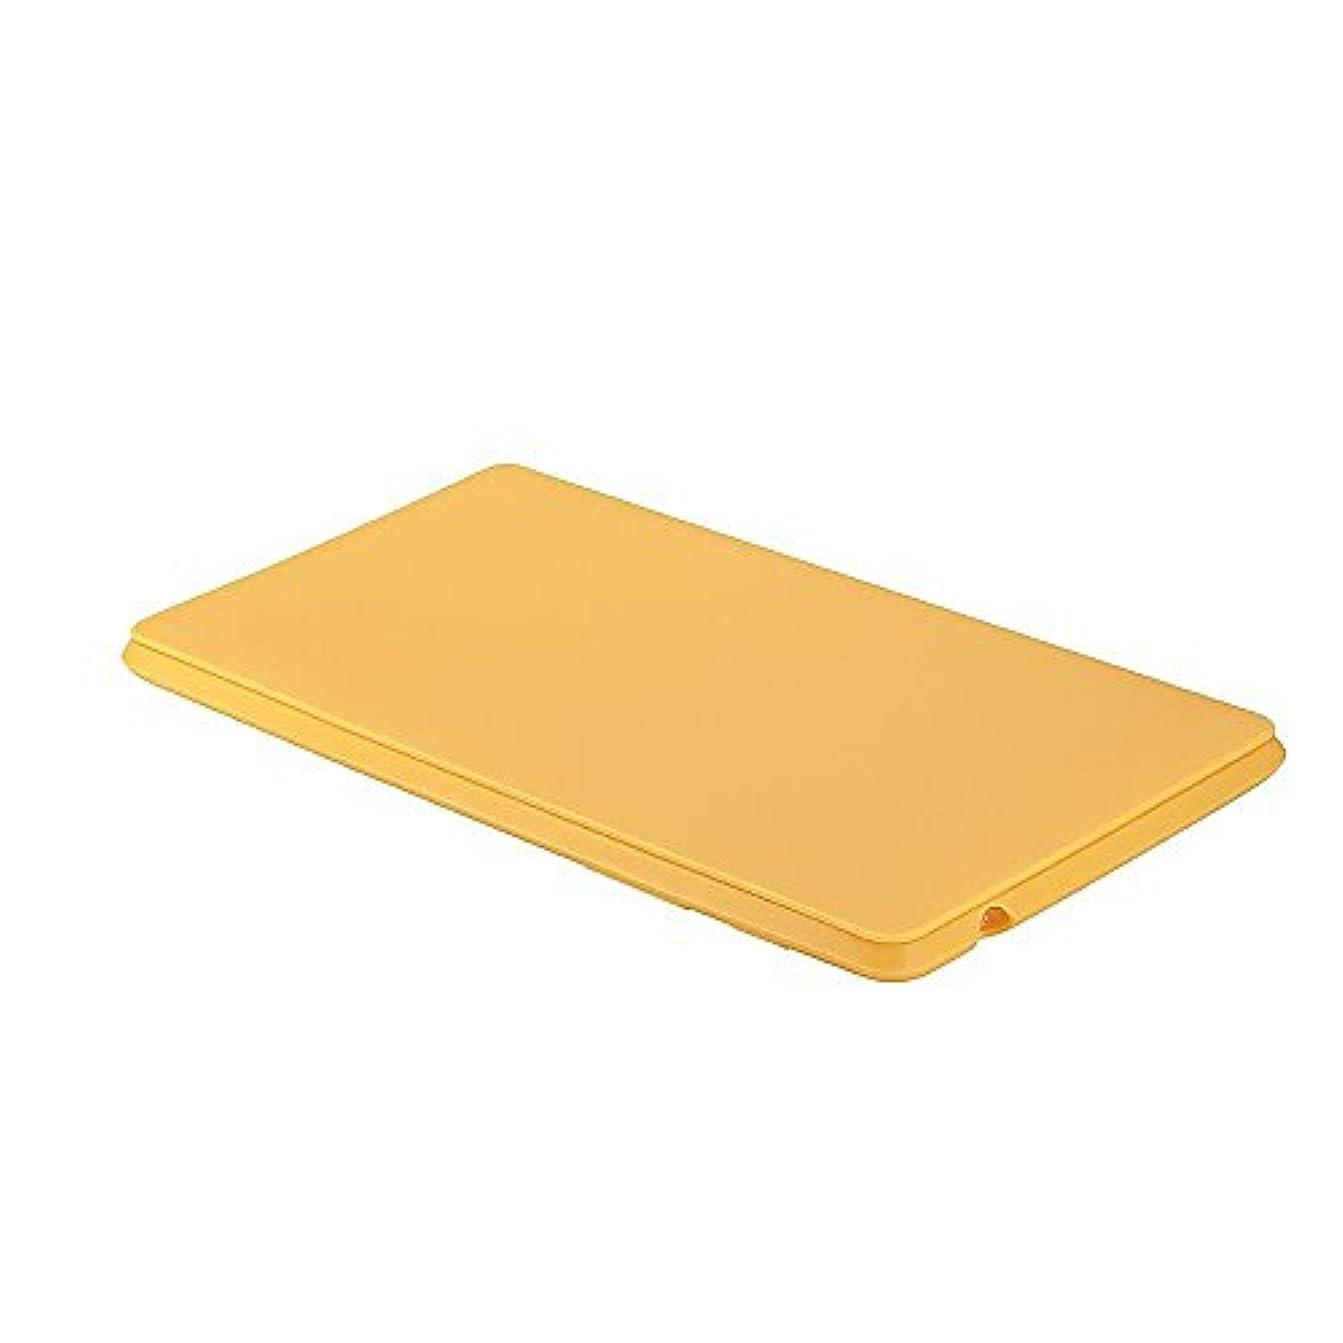 どきどき傾向があります代替90-XB3TOKSL001Q0 オレンジ Nexus7 2013 専用トラベルカバー